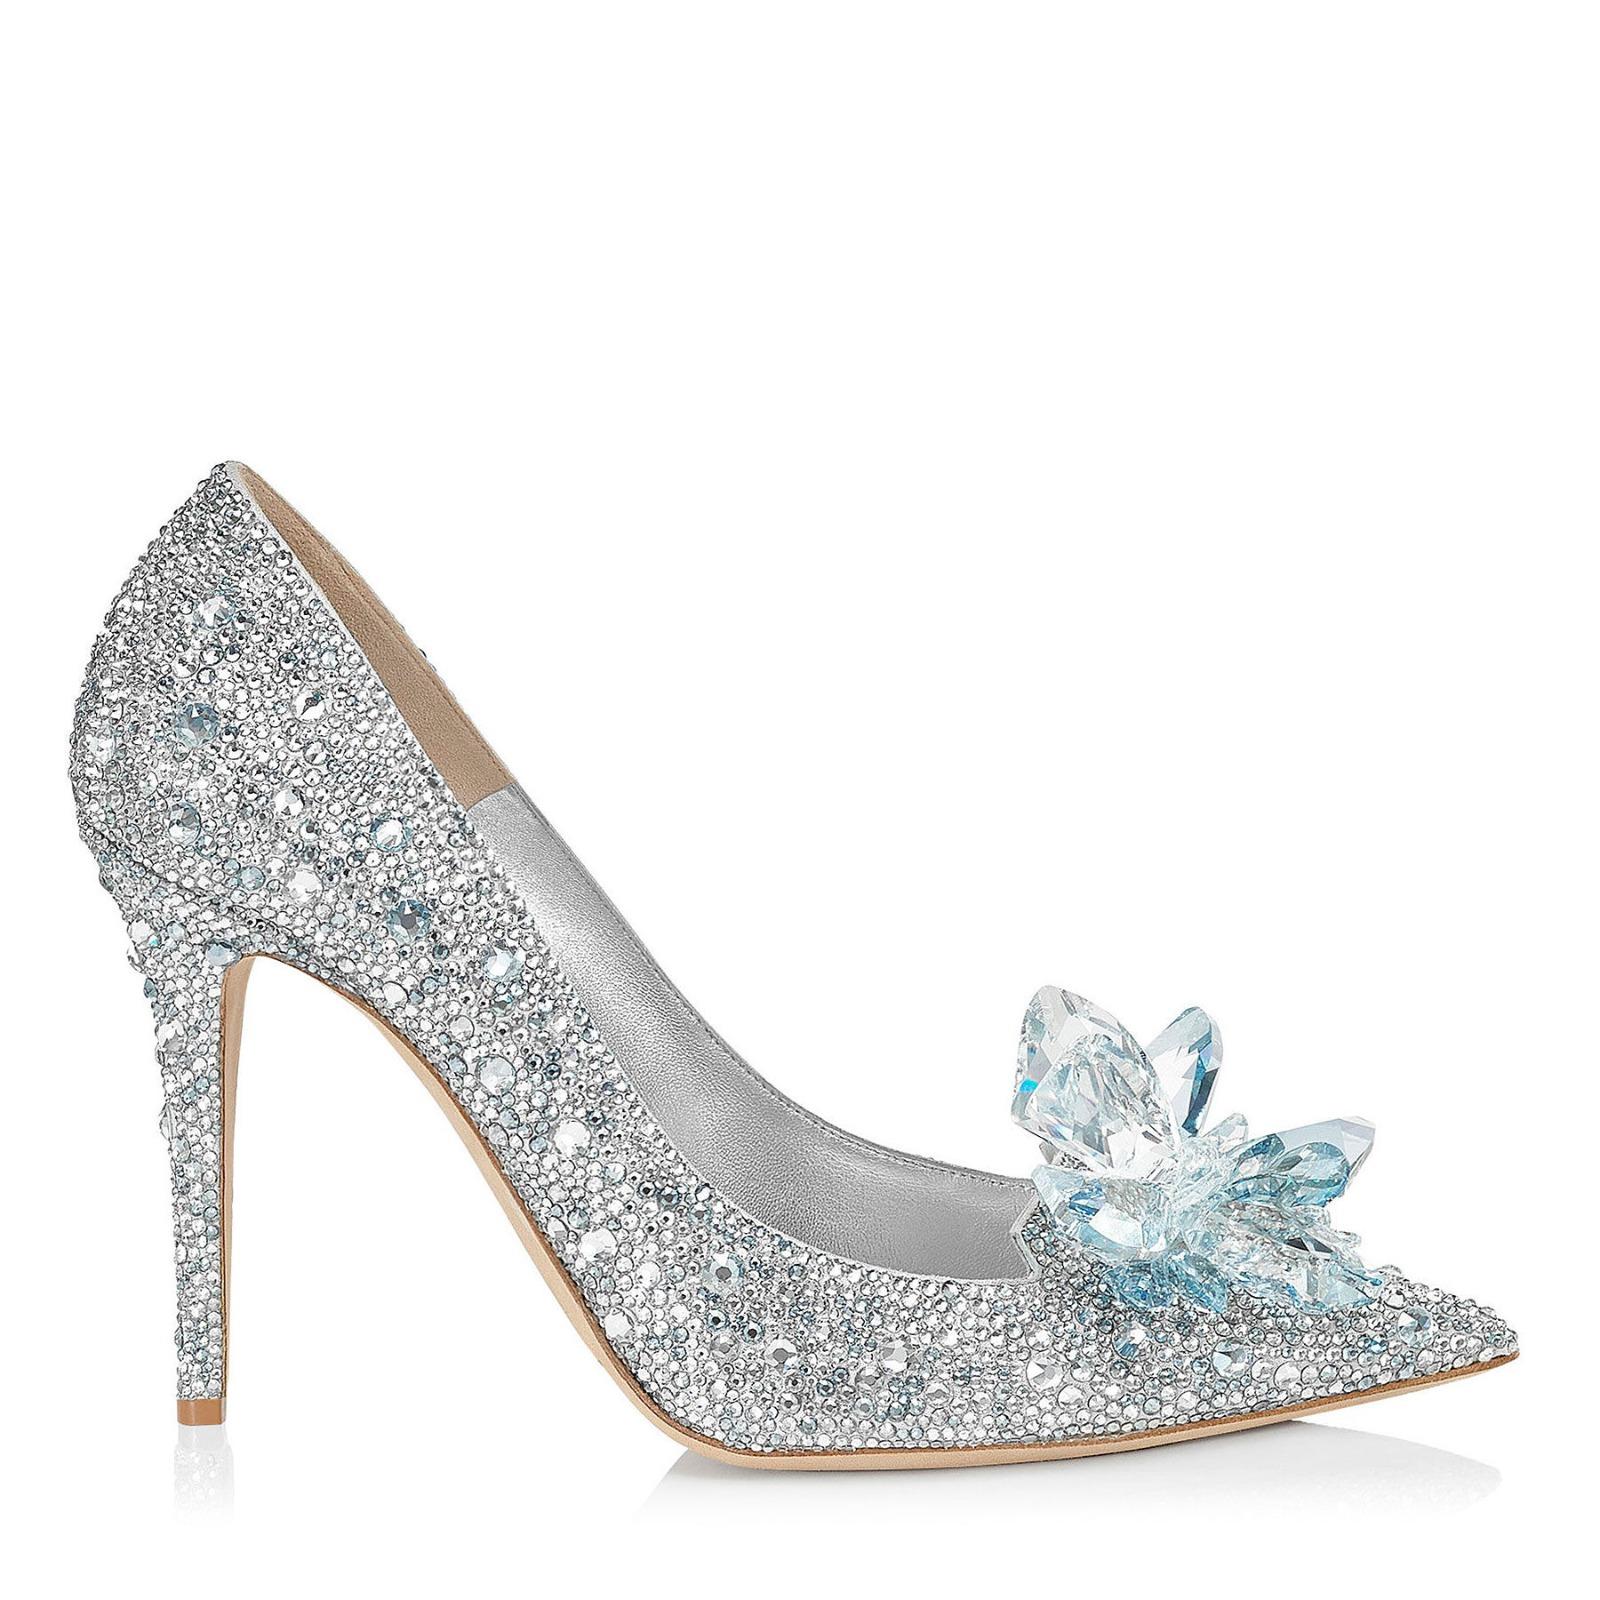 志玲姐姐結婚了!腳上這雙鞋超吸睛!